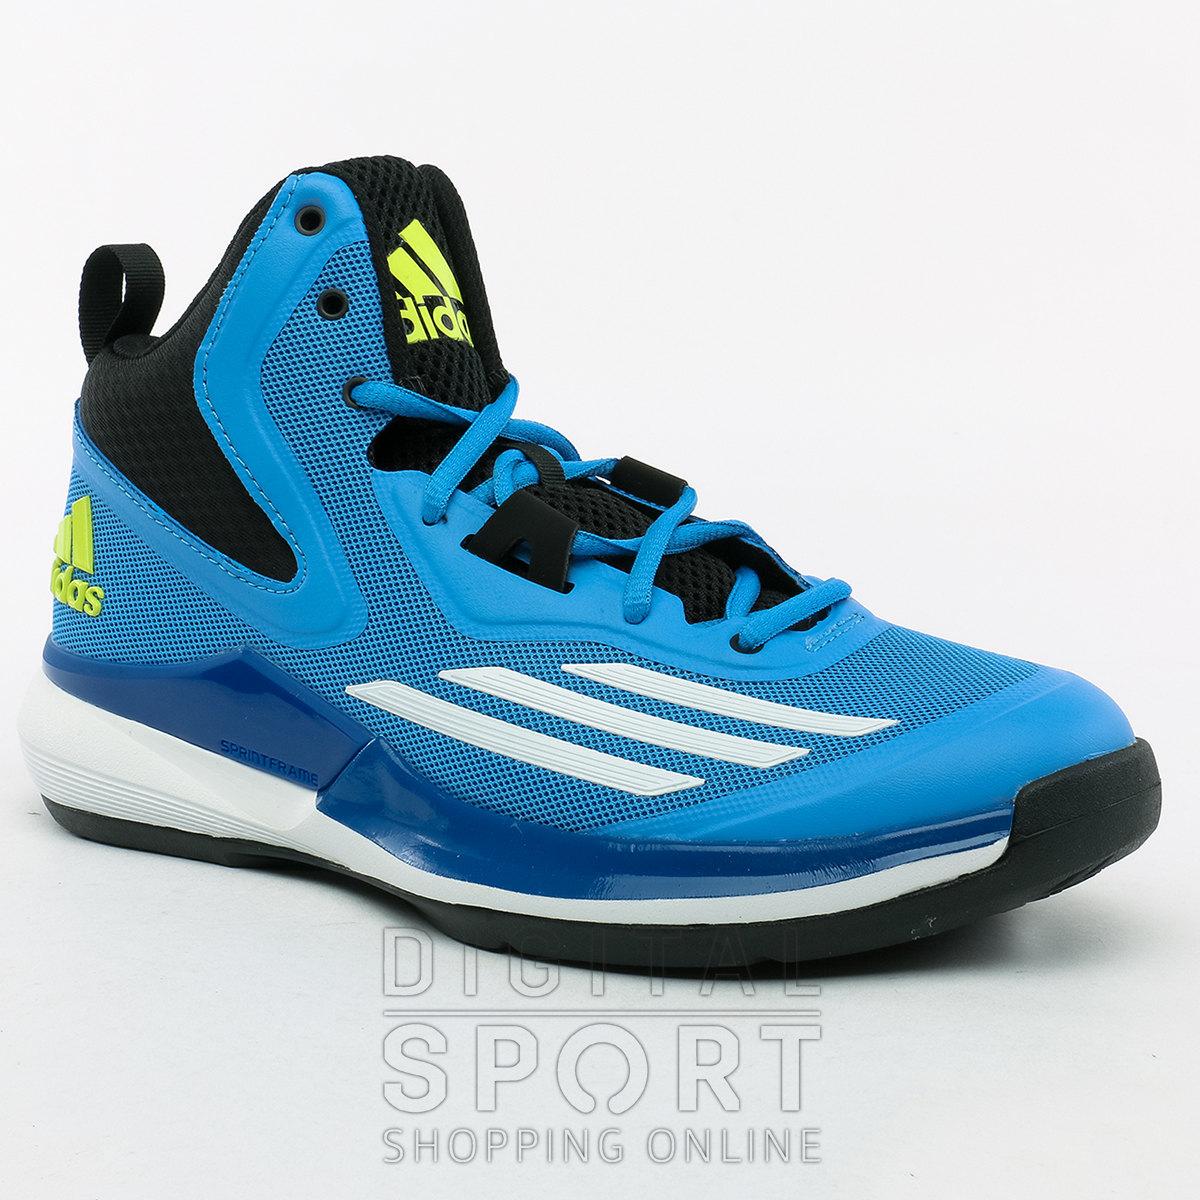 Celeste Adidas Run Botitas Botitas Title y76fgb